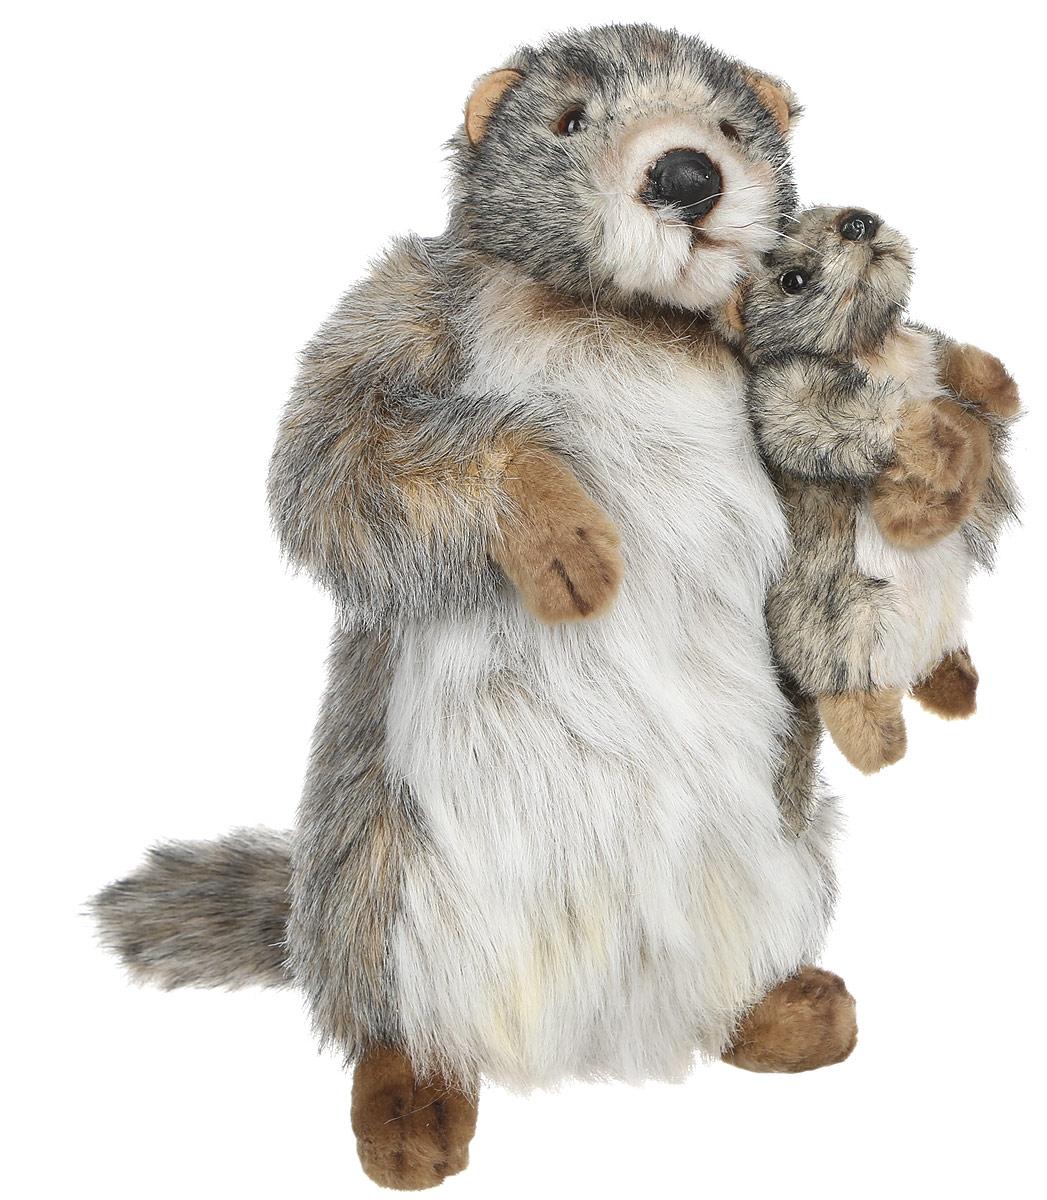 Hansa Toys Мягкая игрушка Сурок с детенышем 32 см4162Мягкая игрушка Hansa Toys Сурок с детенышем обязательно покорит сердце малыша. Ребенок не захочет расставаться со своим пушистым другом ни на секунду, ведь с ним можно отправиться в гости, на прогулку или к бабушке в деревню. У игрушки длинная мягкая шерстка. Глазки выполнены из пластика. Всего на Земле насчитывают 15 видов сурков. В древние времена их прародители жили в Америке, но постепенно зверьки переселялись в Азию и обживали разные территории. Длина тела достигает 60 см (без учета хвоста), а вес - до 10,5 кг. Сурки травоядны, селятся в норах, имеют теплый мех. Зимой впадают в спячку. Играя с мягкой игрушкой, ребенок не будет ограничивать свою фантазию, ведь с ней можно придумывать много сюжетов.